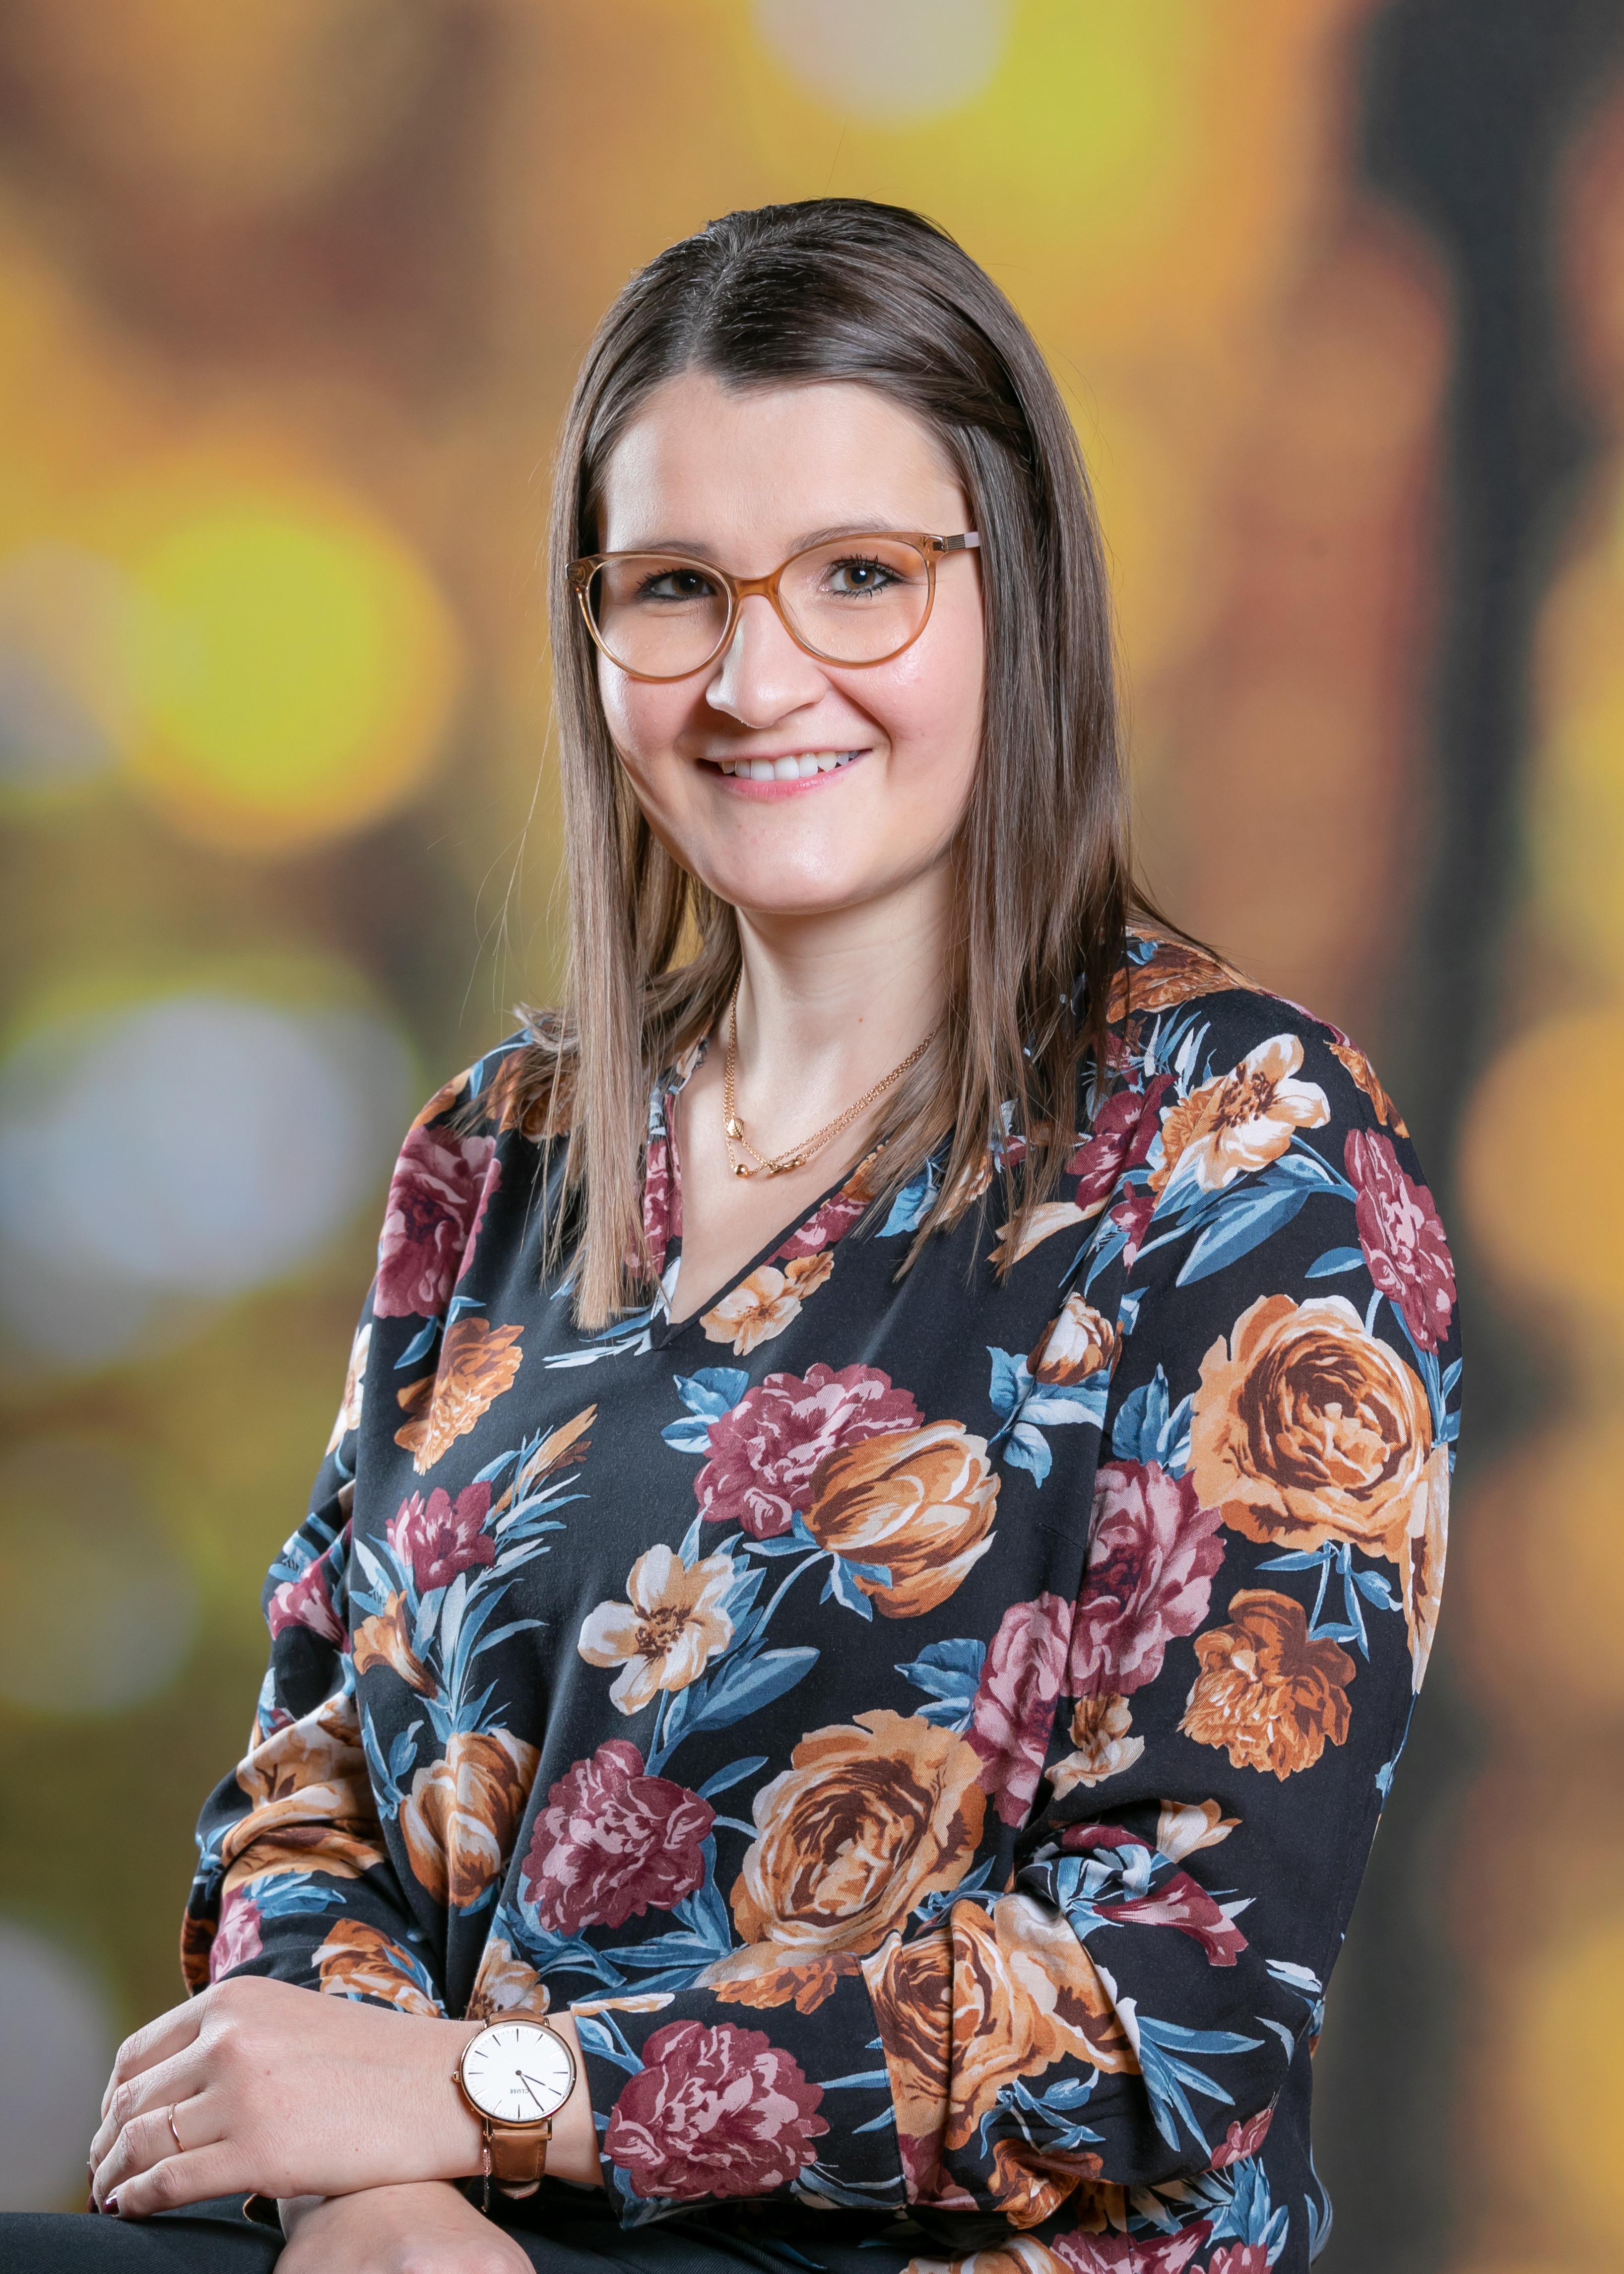 Anna Putz